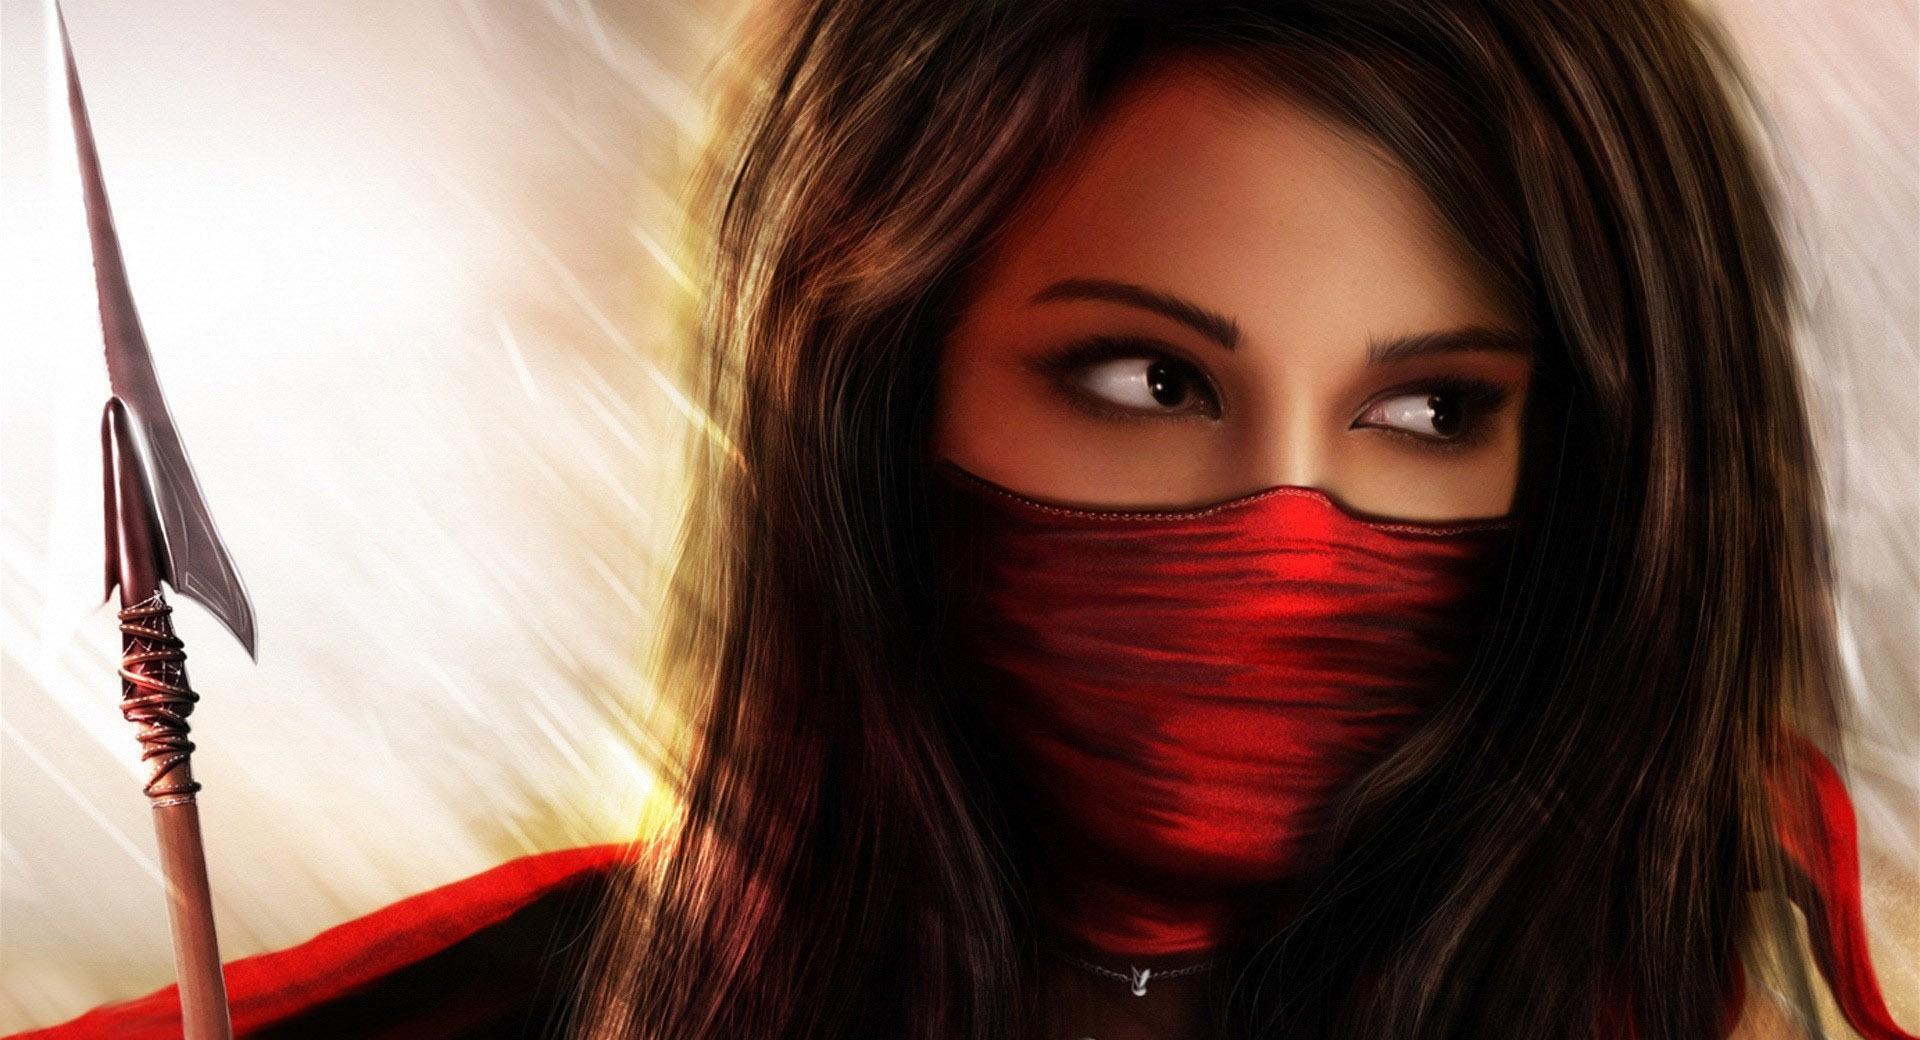 Ninja Girl Fantasy wallpapers HD quality